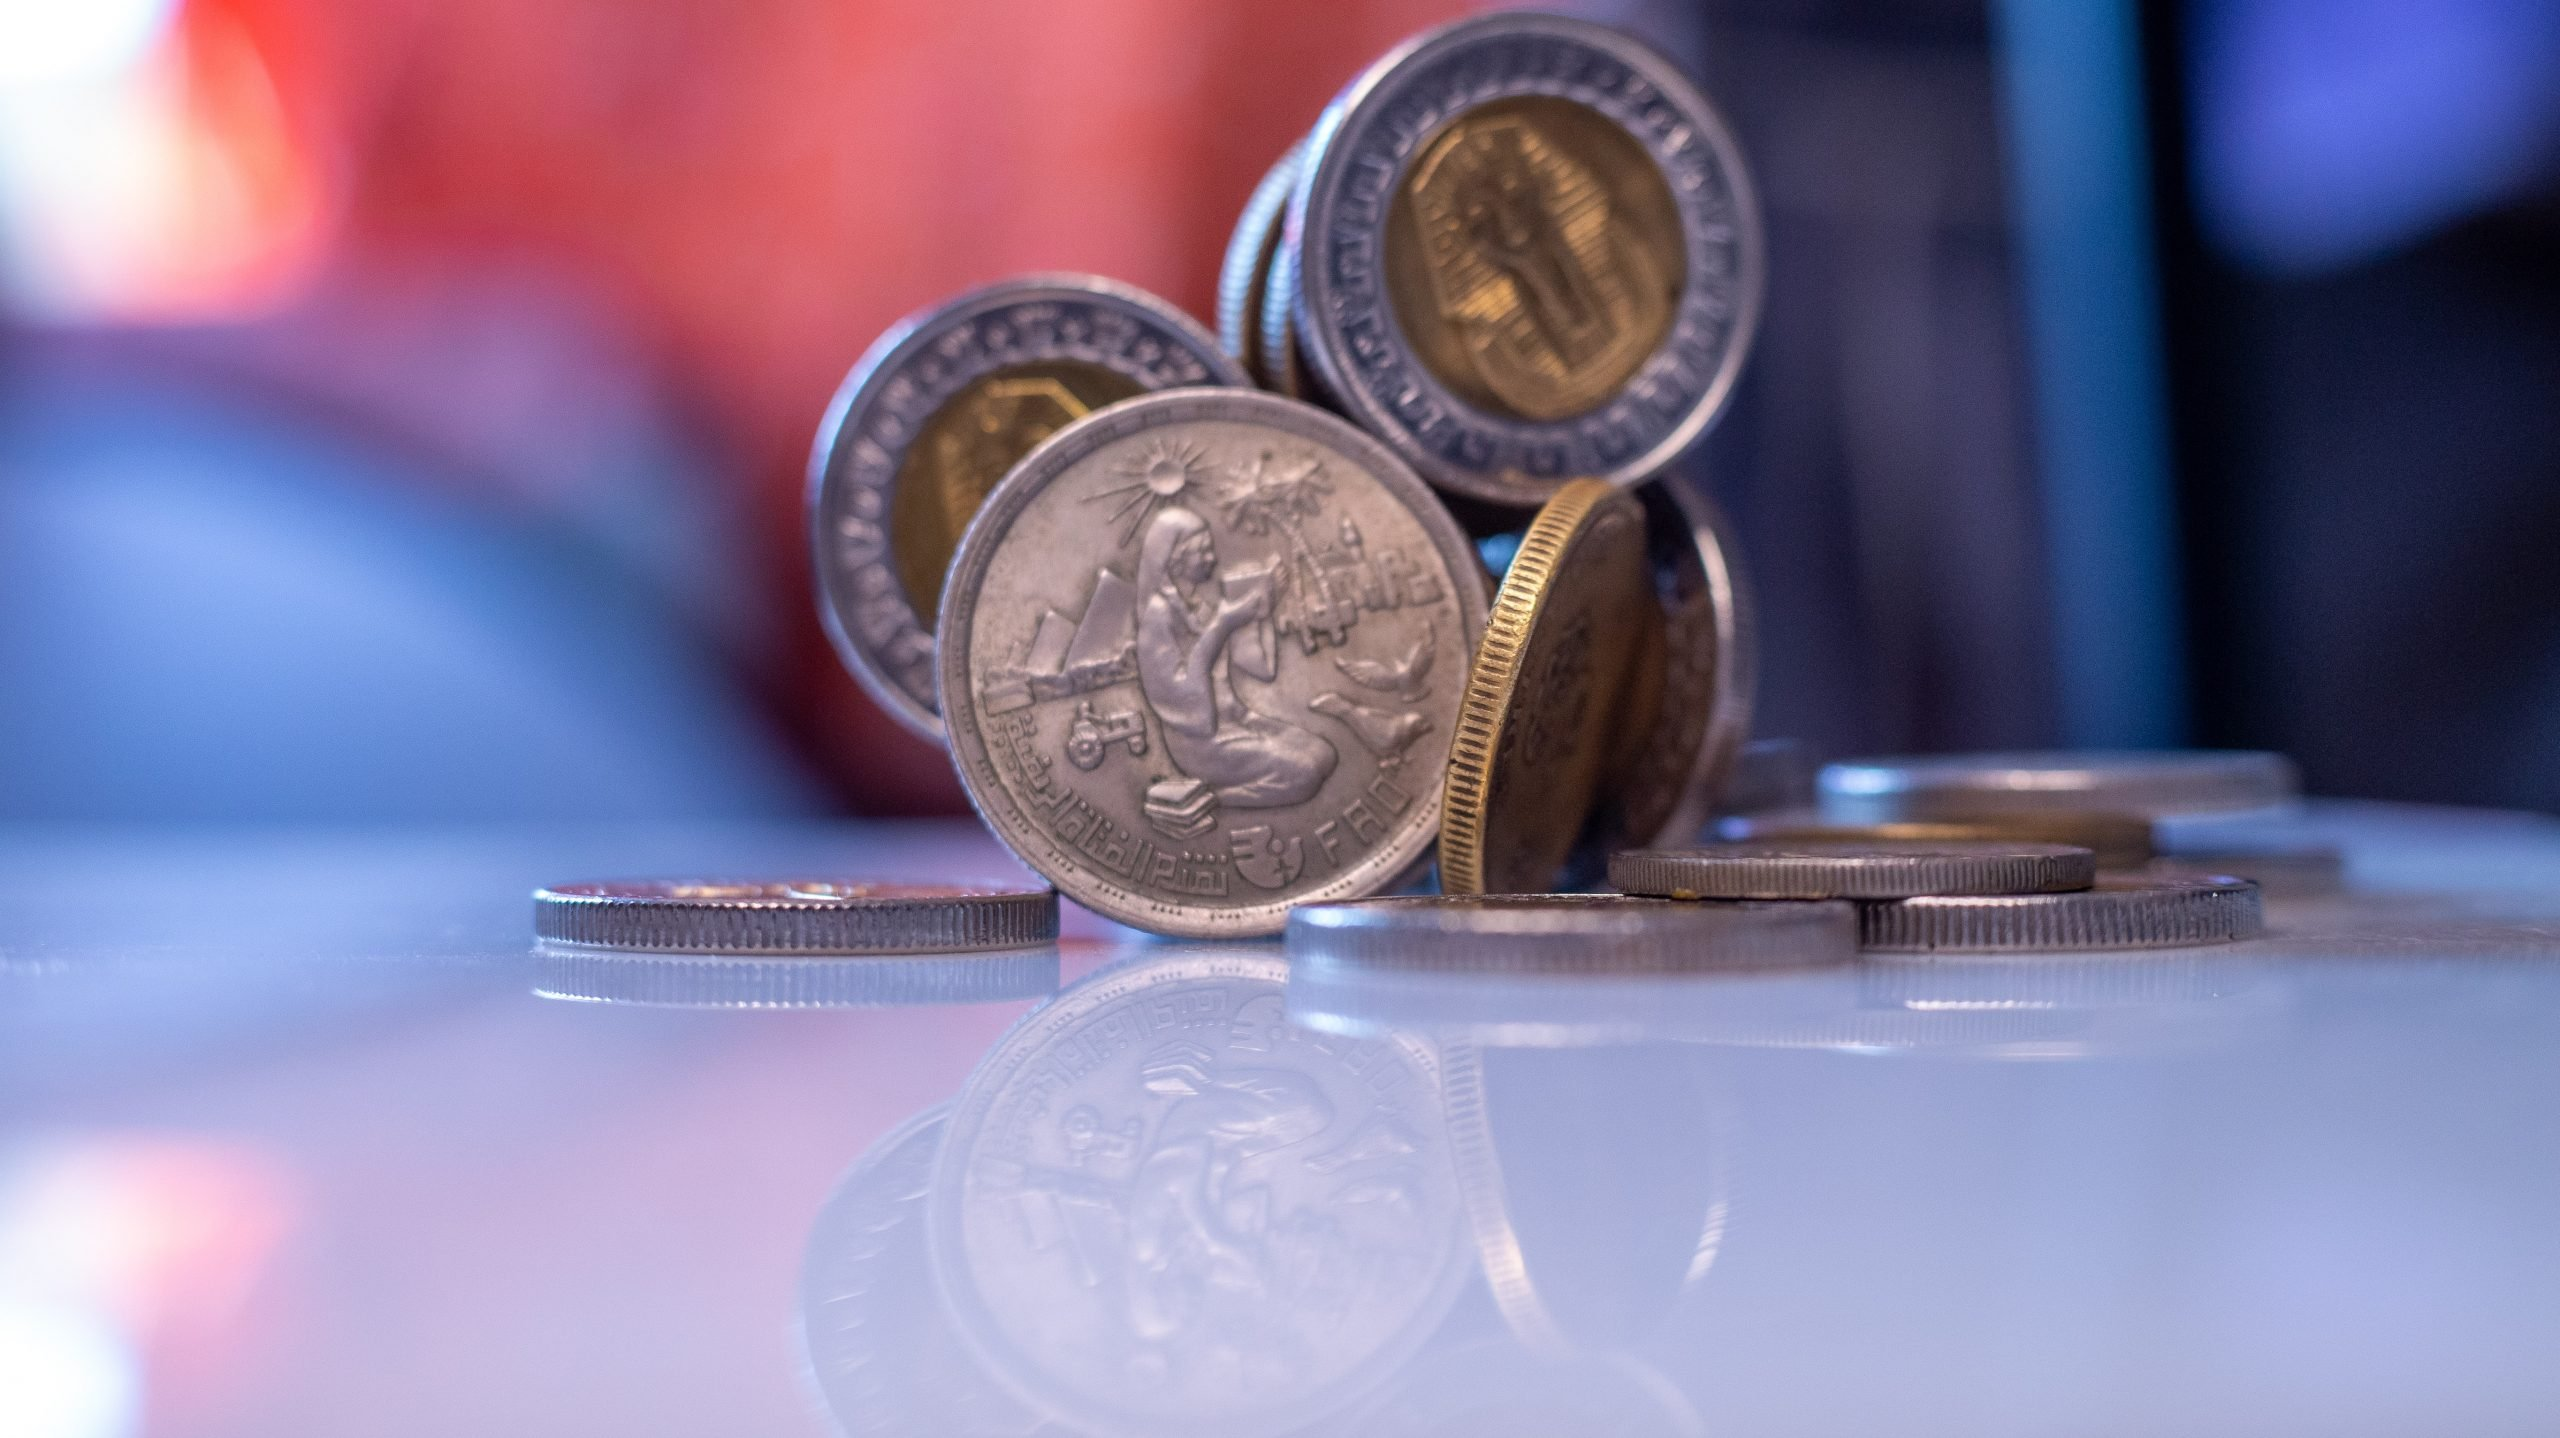 Dažādi veidi, kā nopelnīt naudu | azboulings.lv